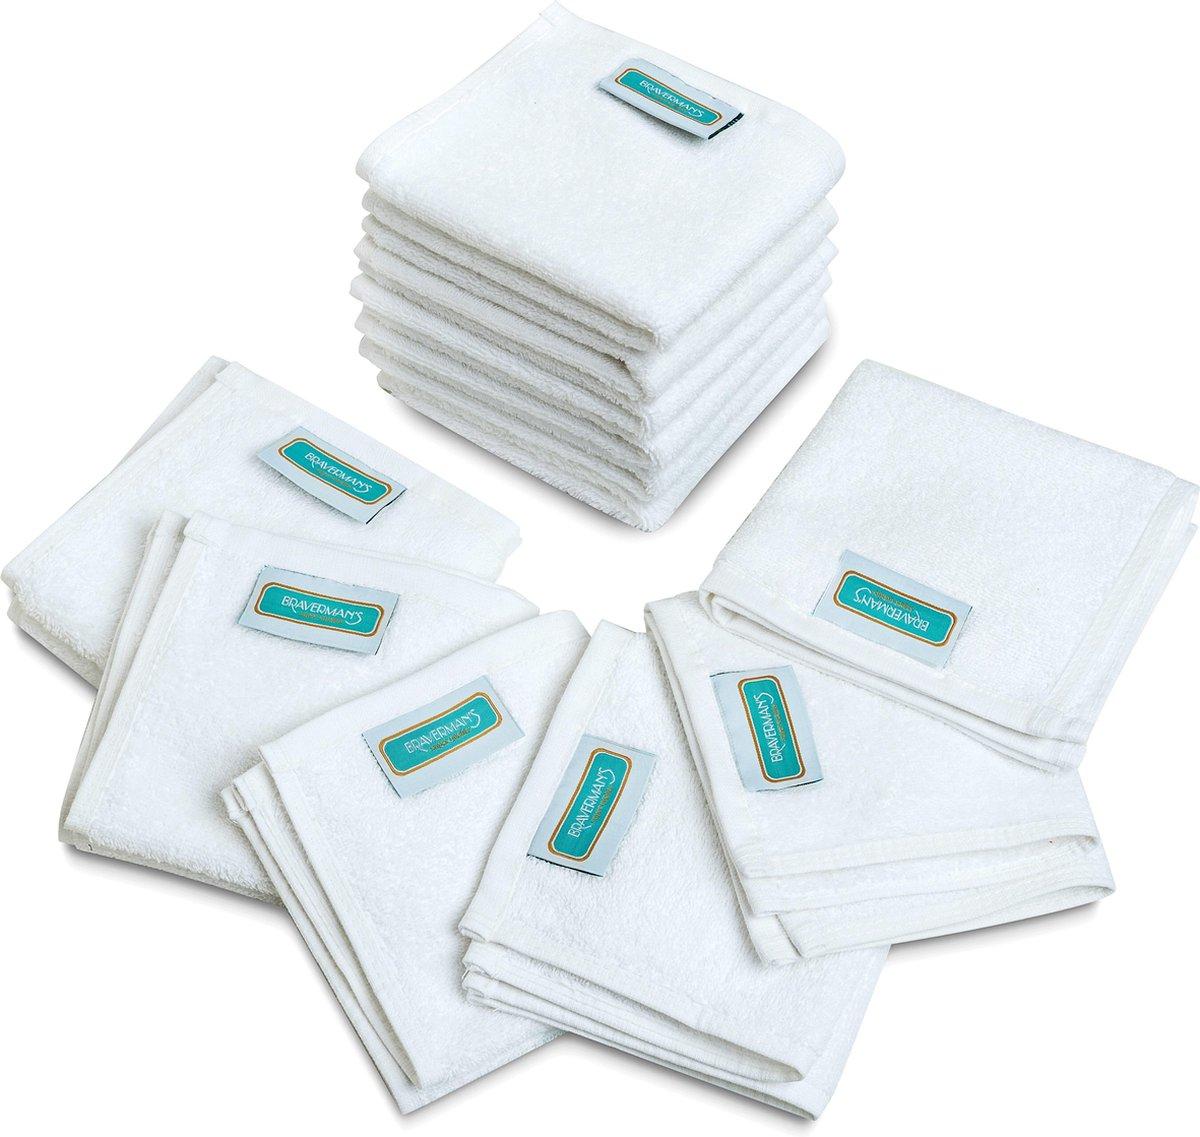 BRAVERMAN`S  Pakket van 12 Handdoek / Gasthanddoek / Gezichtsdoek 500 gr/m2 100% ORGANIC (OEKO-TEX®) Gekamde Katoen 33x33 cm (wit) - Braverman`s